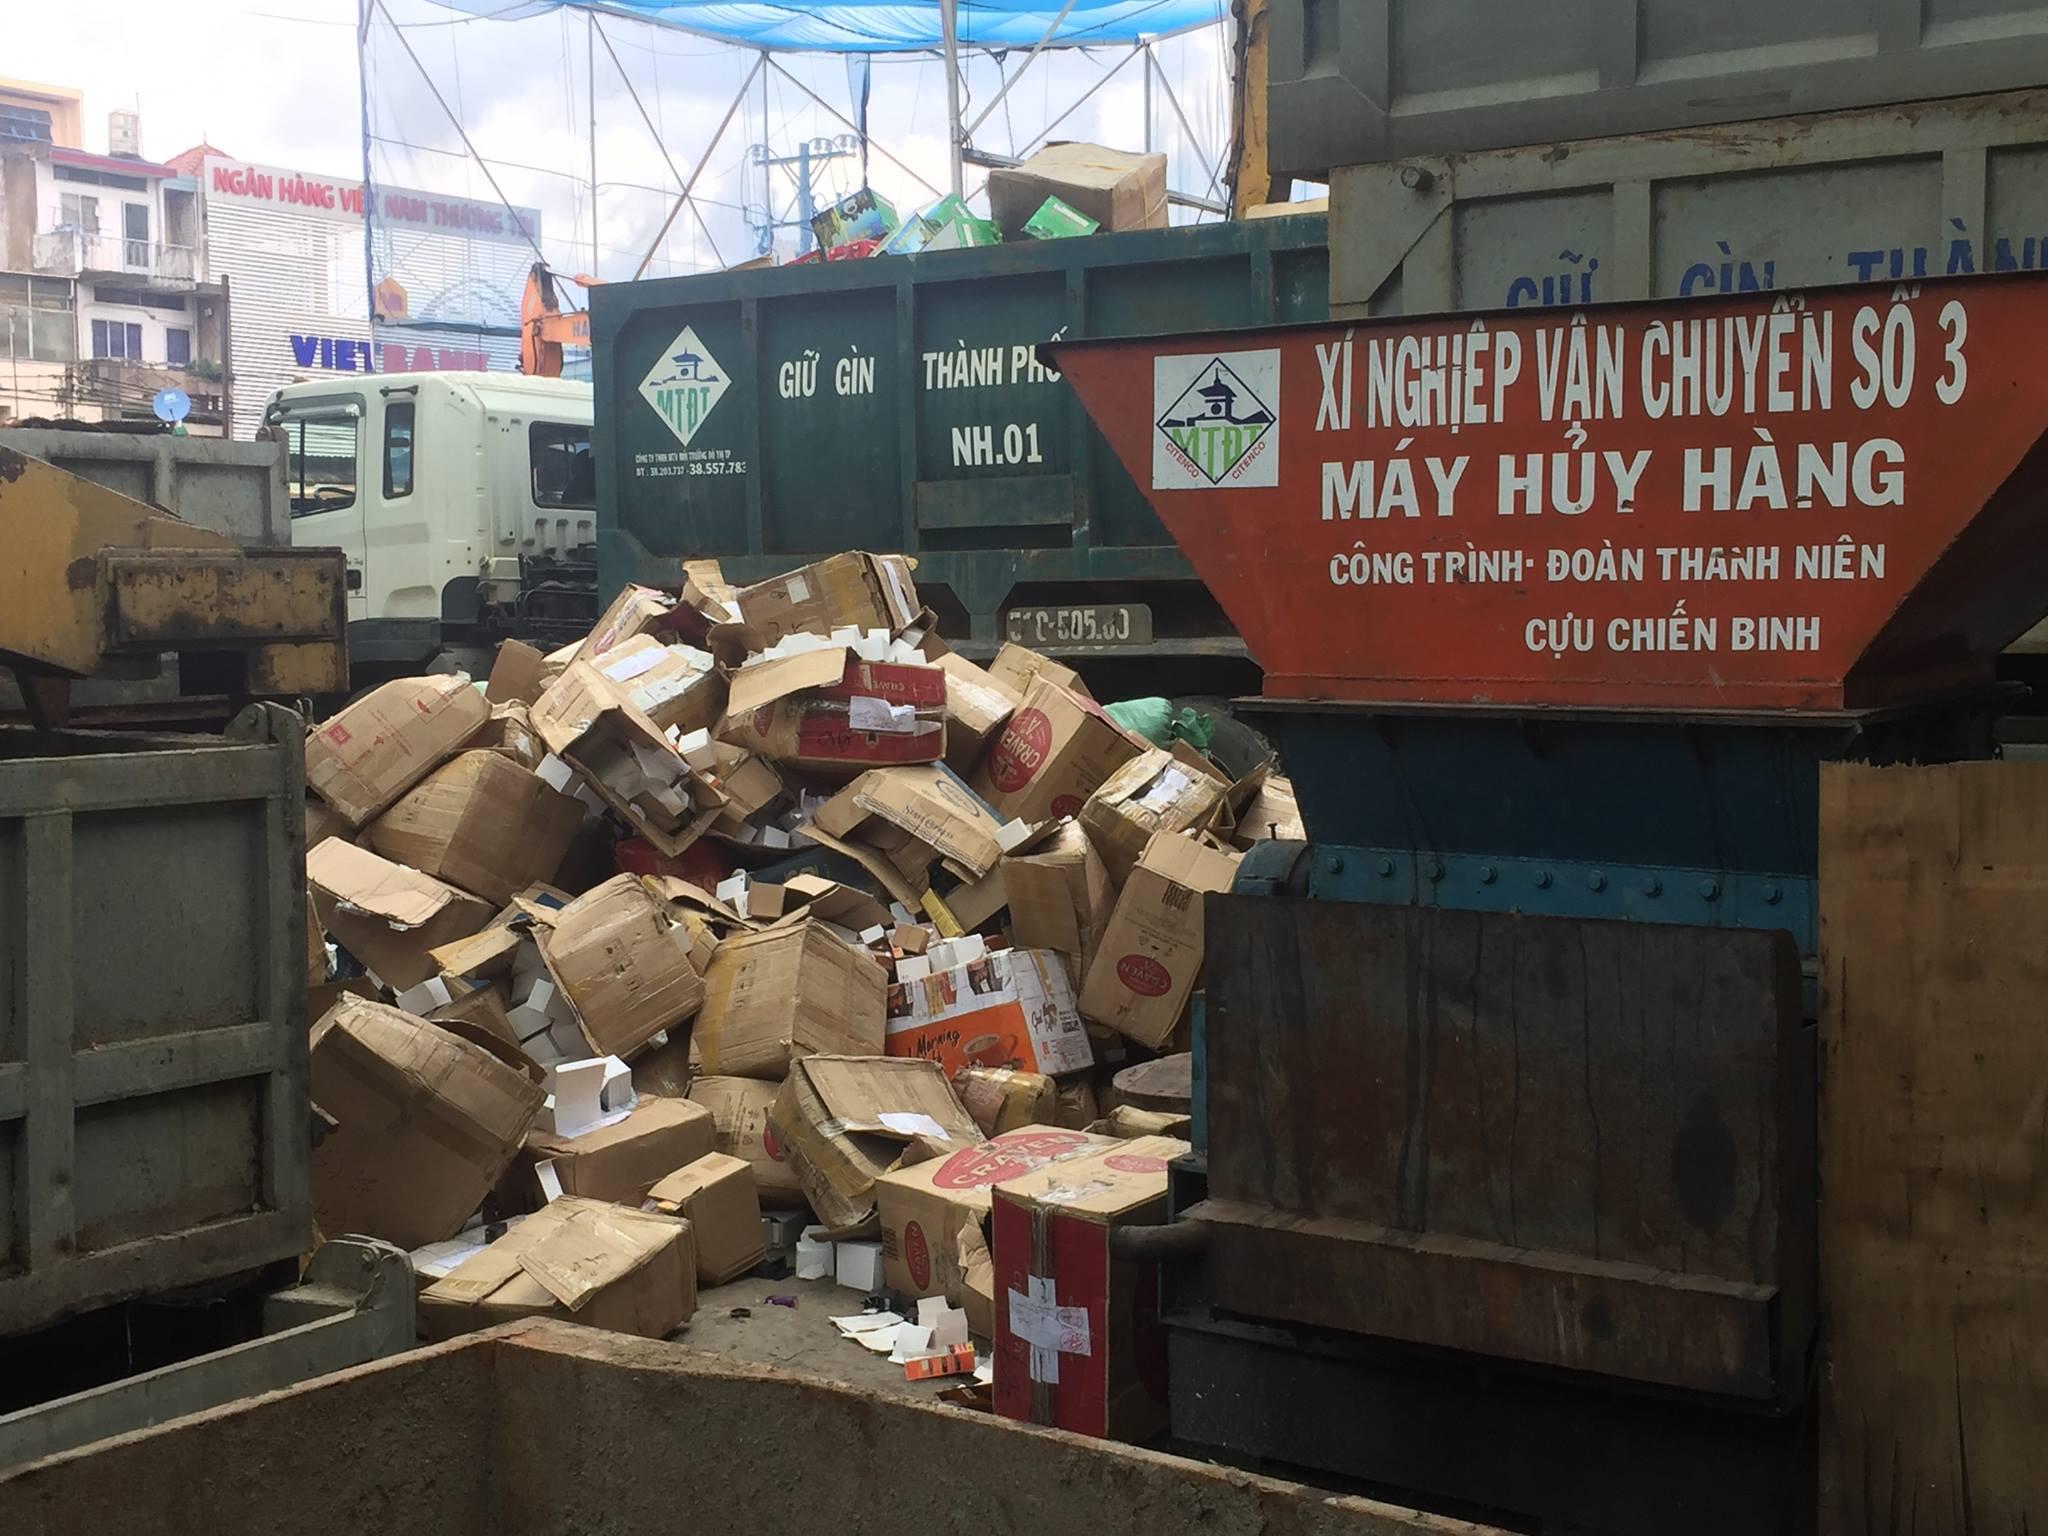 TP Hồ Chí Minh: Tiêu huỷ lô hàng lậu trị giá hơn 10 tỷ đồng